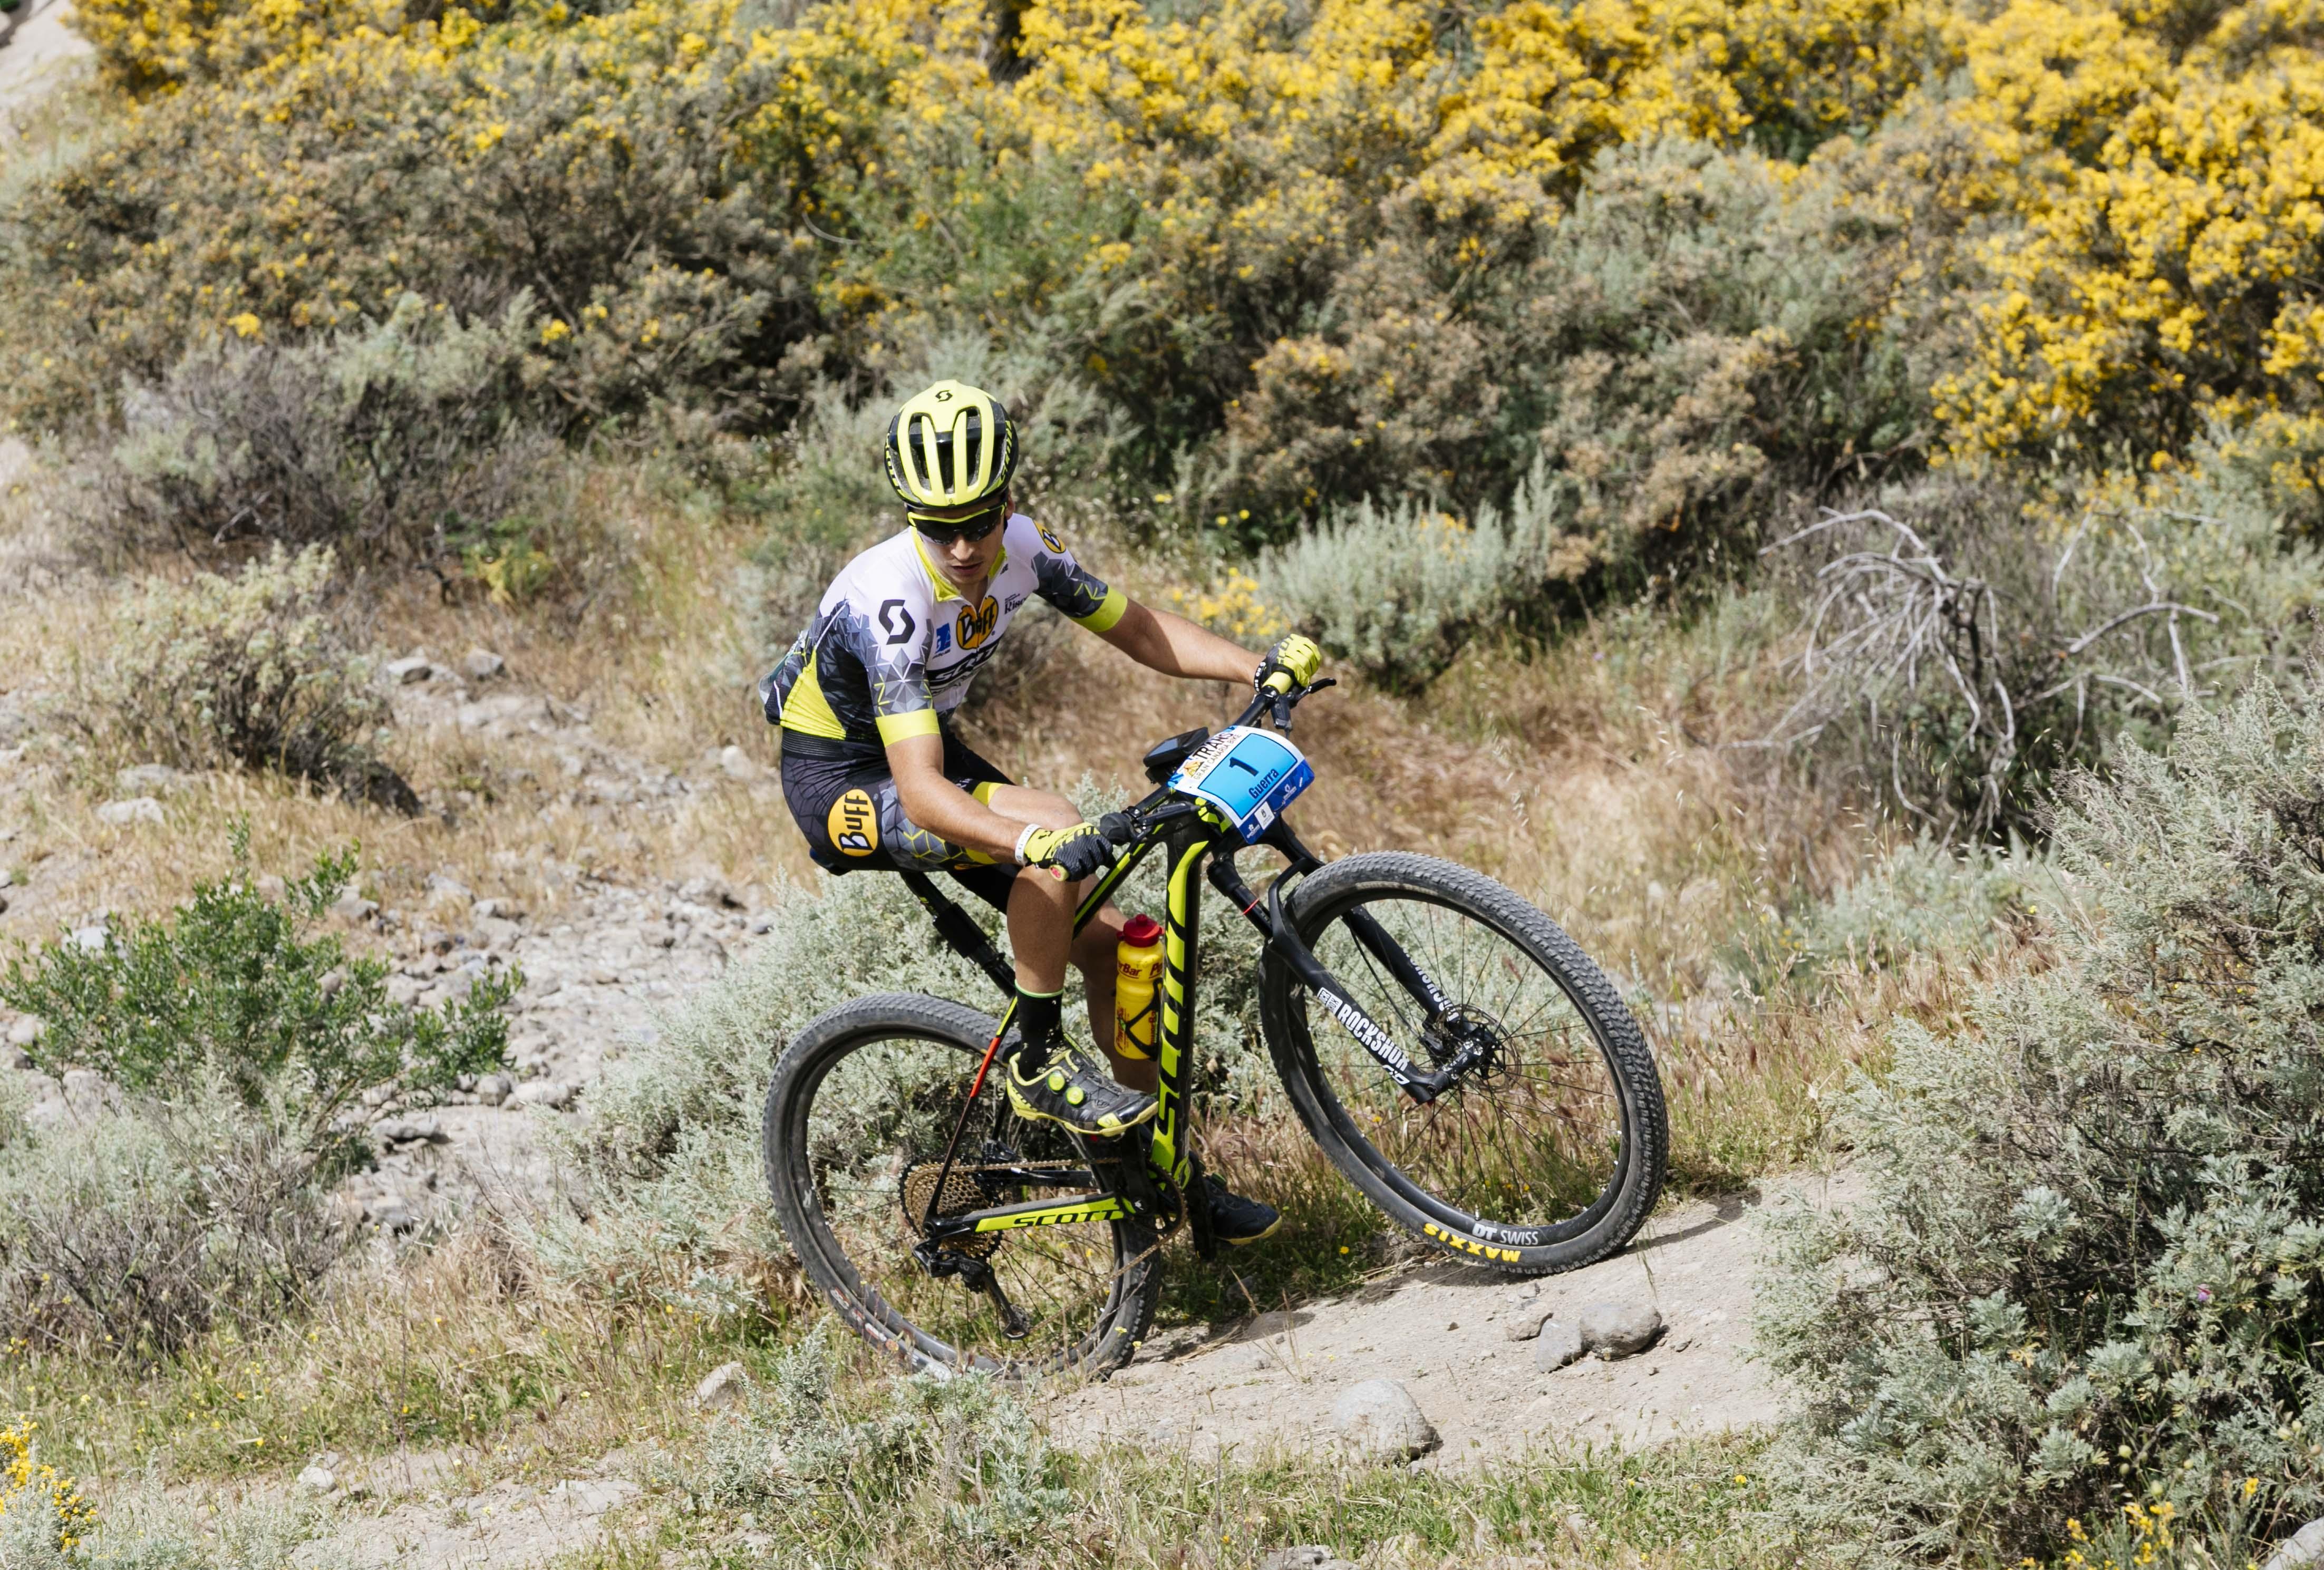 Transgrancanaria Bike 2018, etapa 1: Crónica, resultados, fotos y video. Lideres Francesc Guerra y Lourdes Bethencourt.